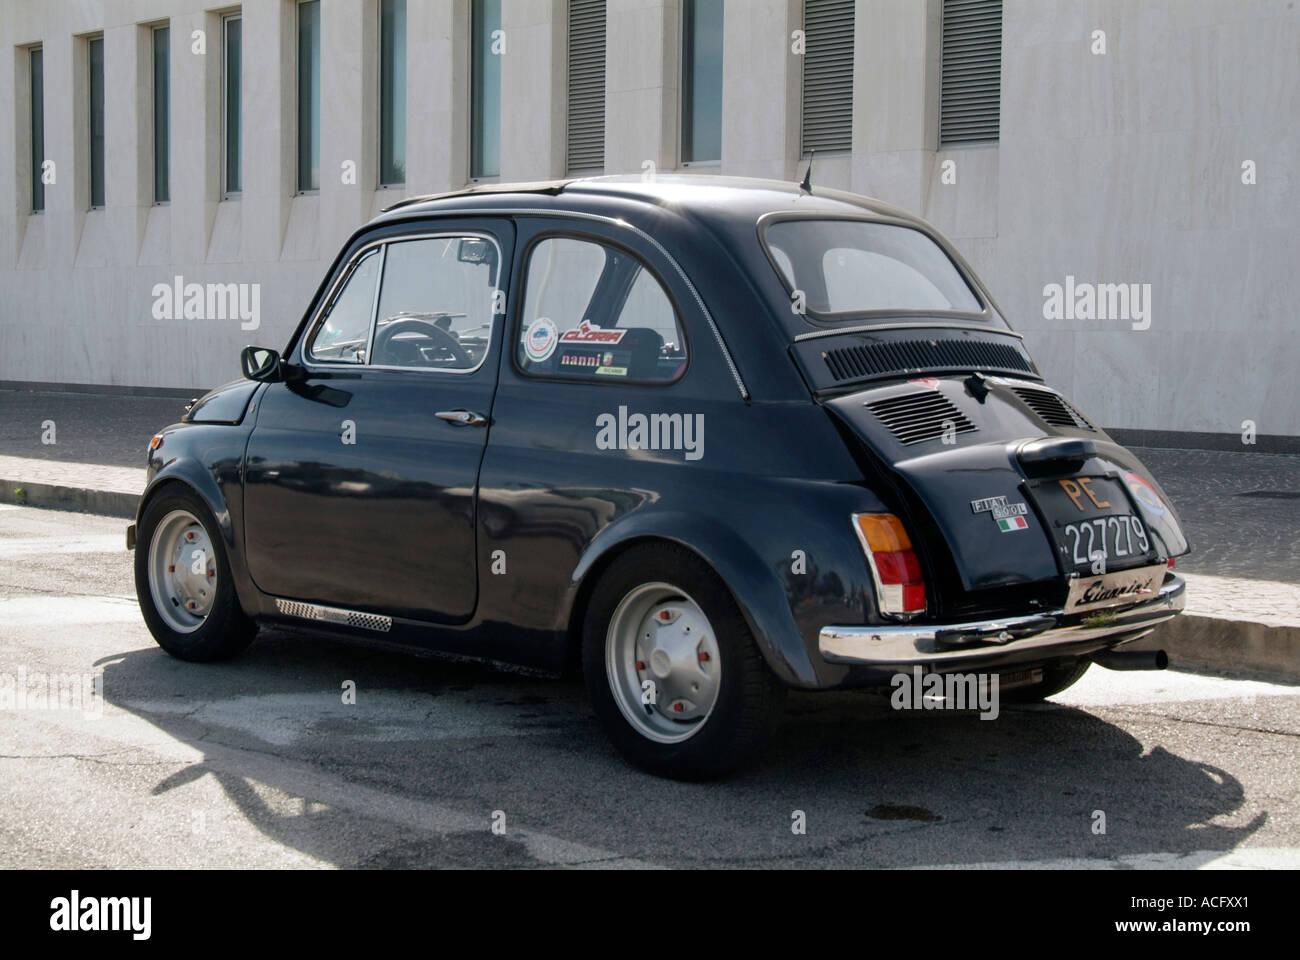 Fiat 500 Car City Small Cars Tiny Italian Cars